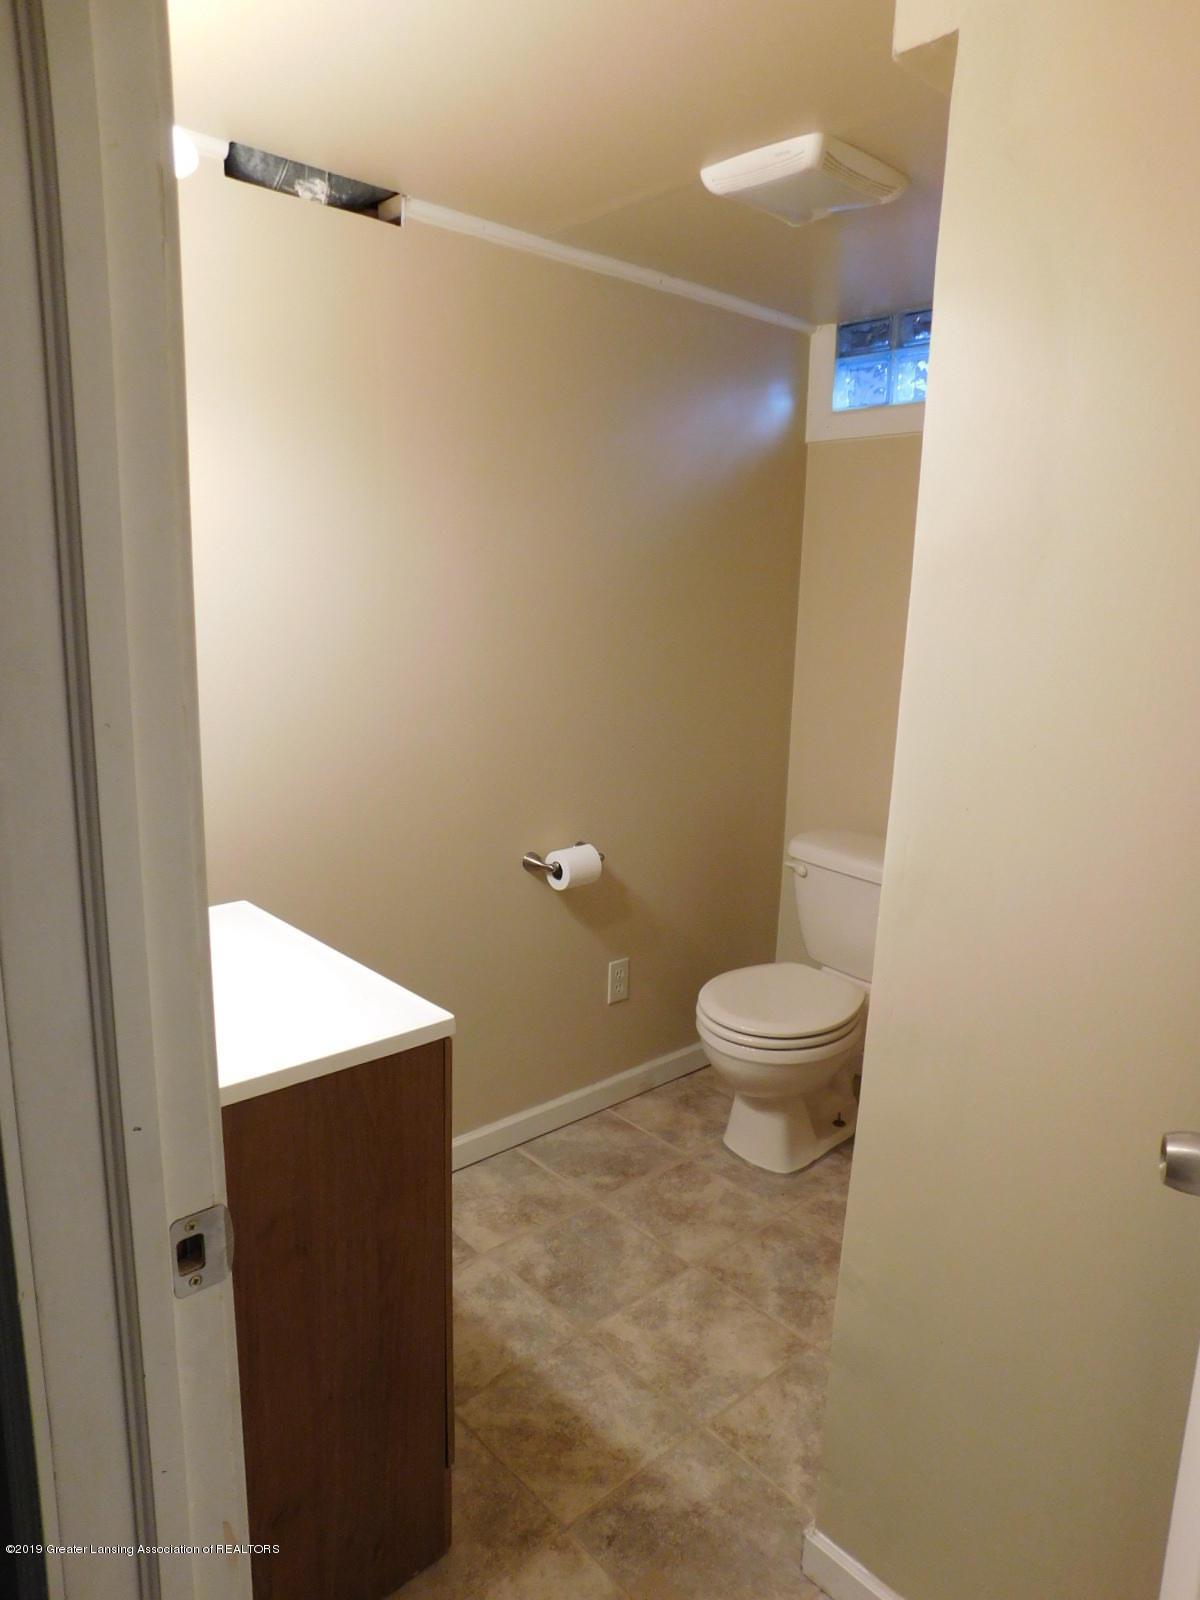 4111 Clayborn Rd - FULL BATH IN LOWER LEVEL - 27